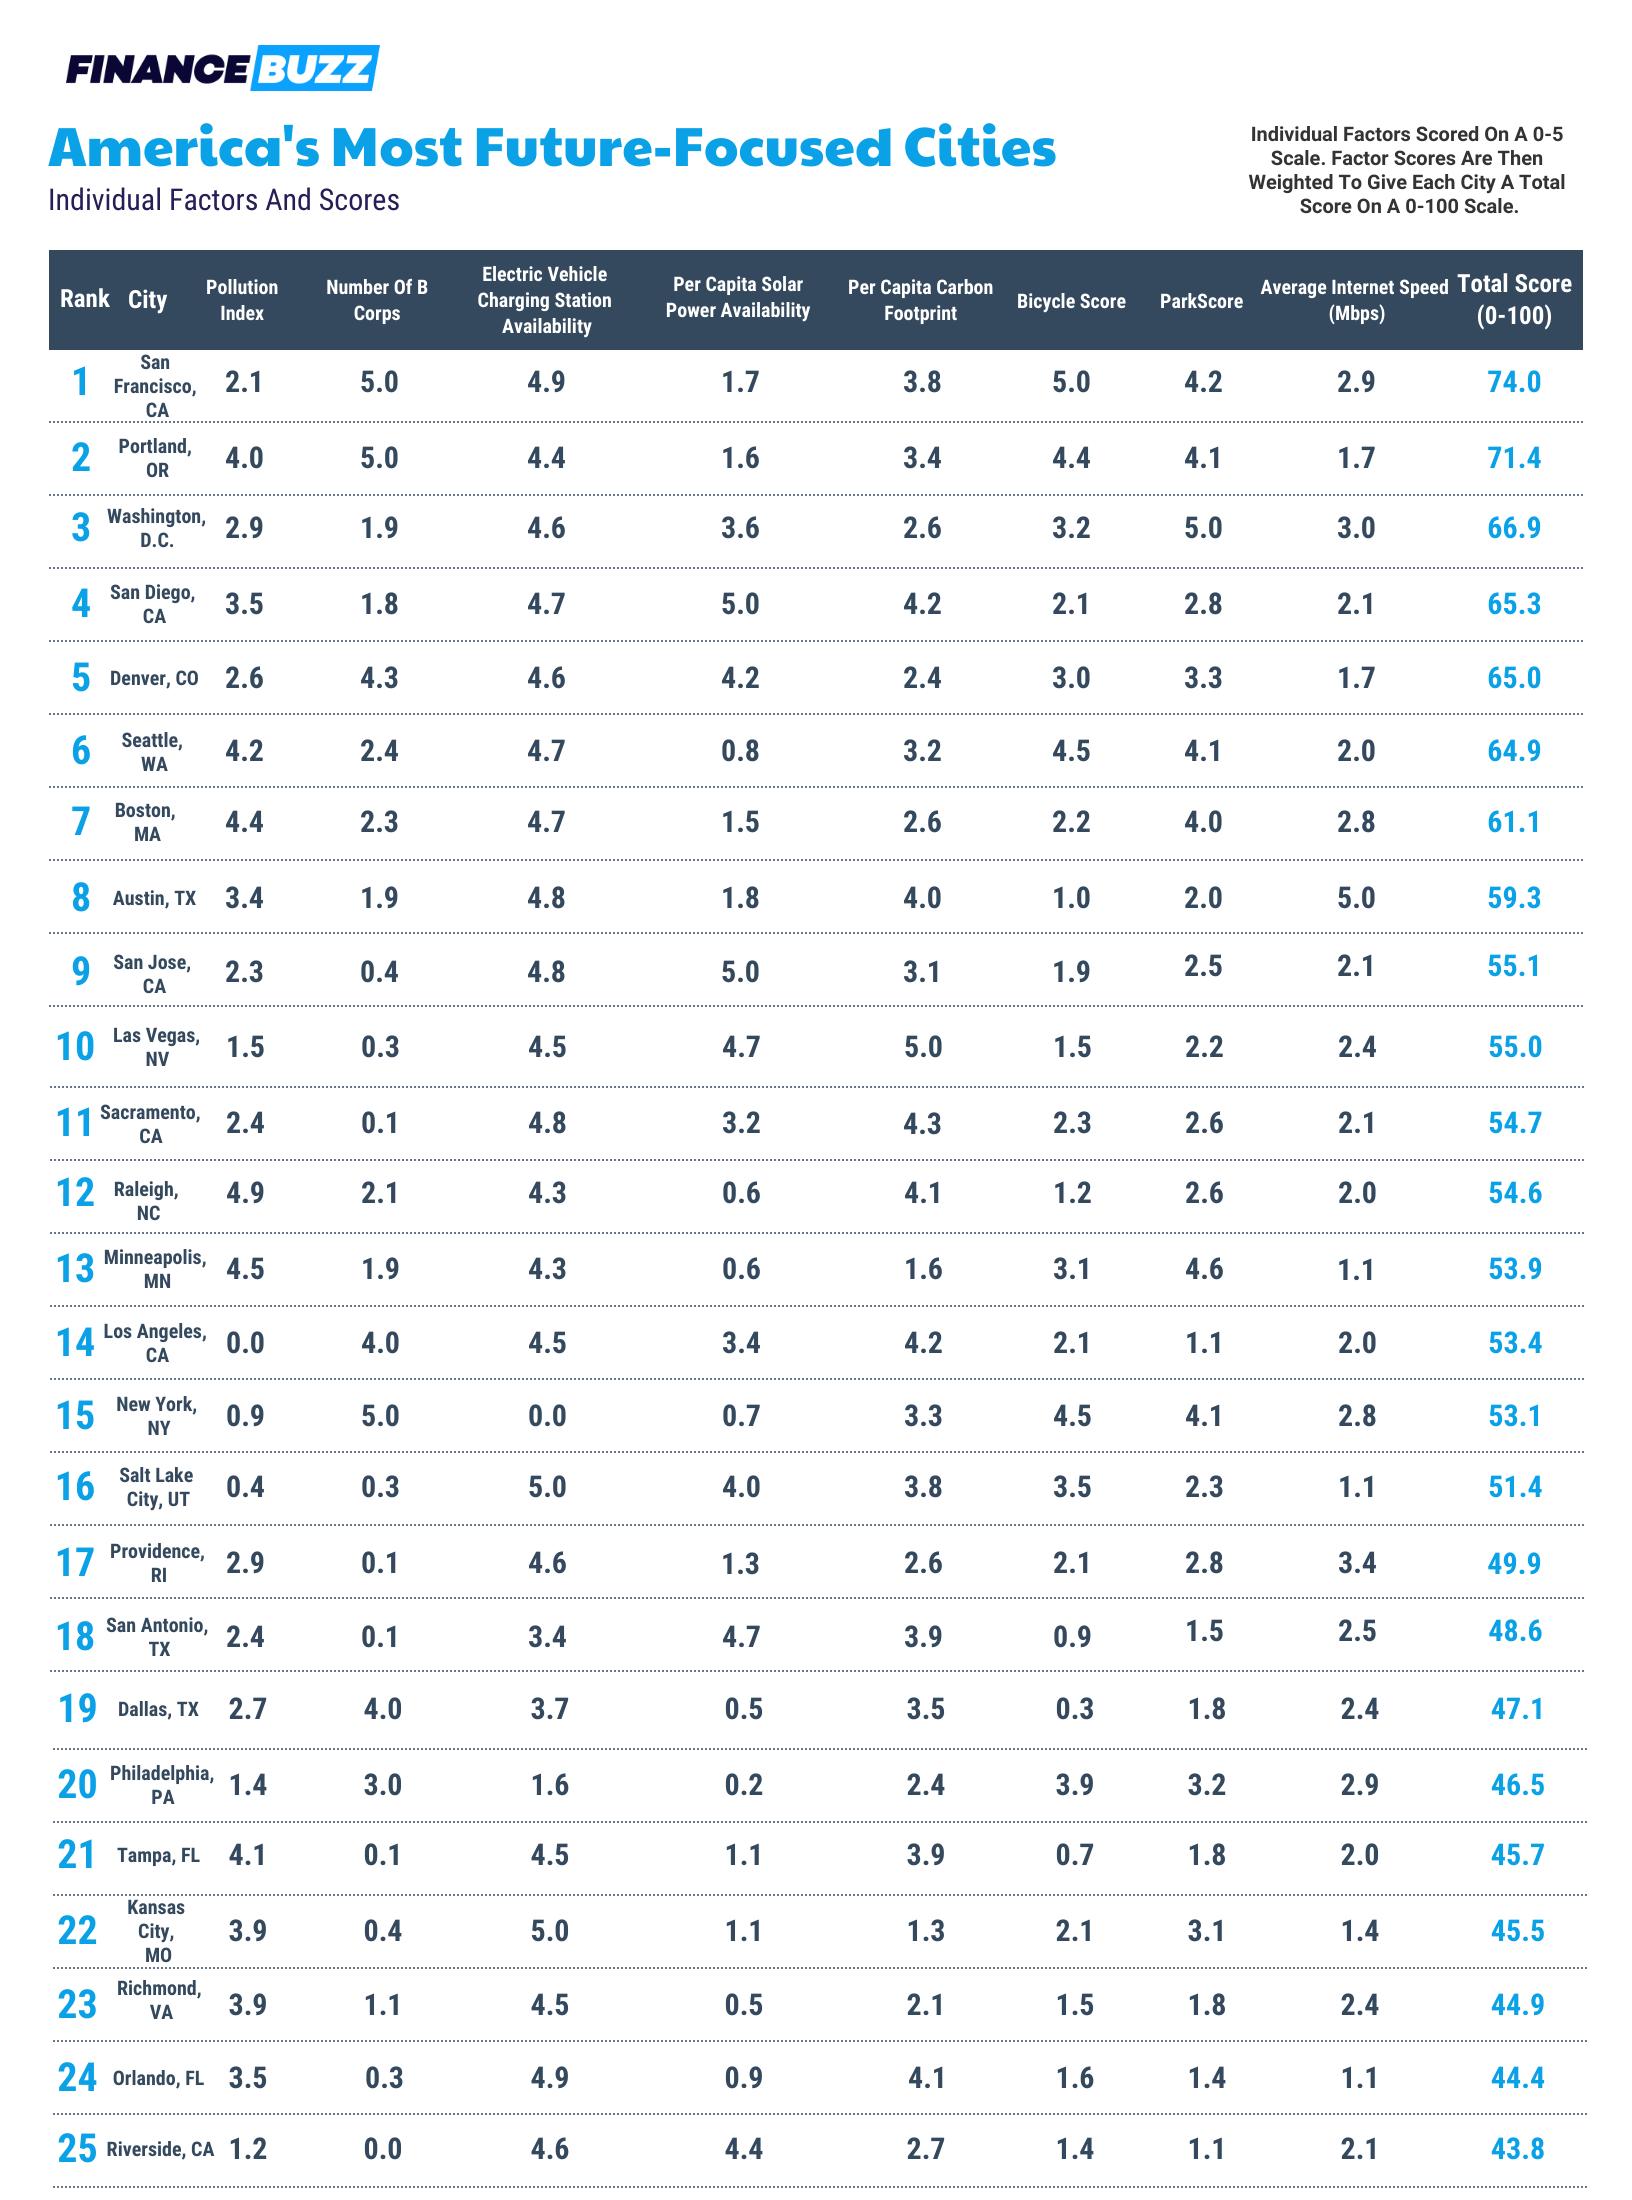 Future-Focused City Ranking Factors And Scores